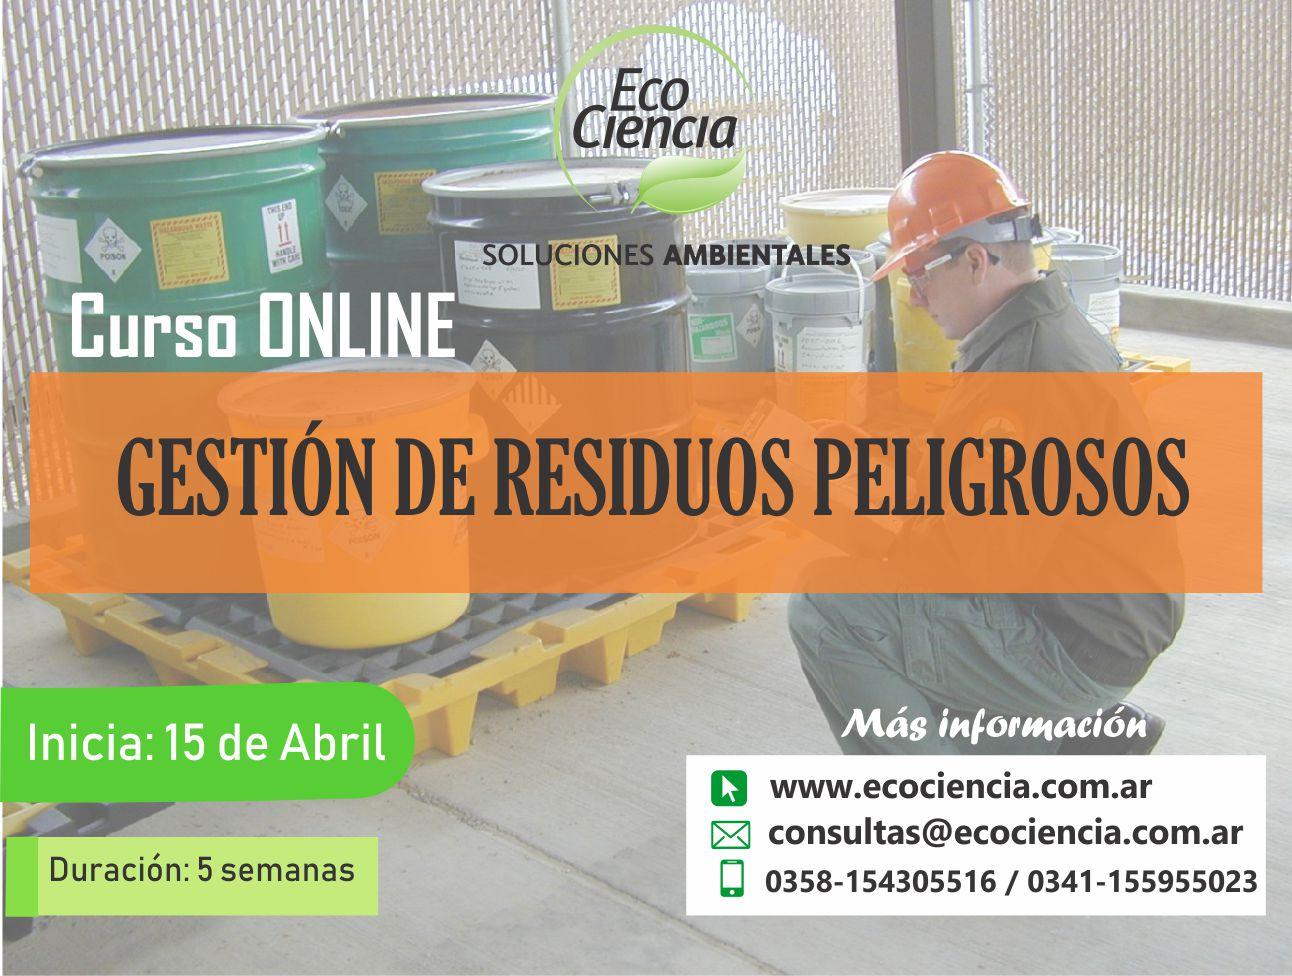 Curso Online Gestion De Residuos Peligrosos Ecociencia